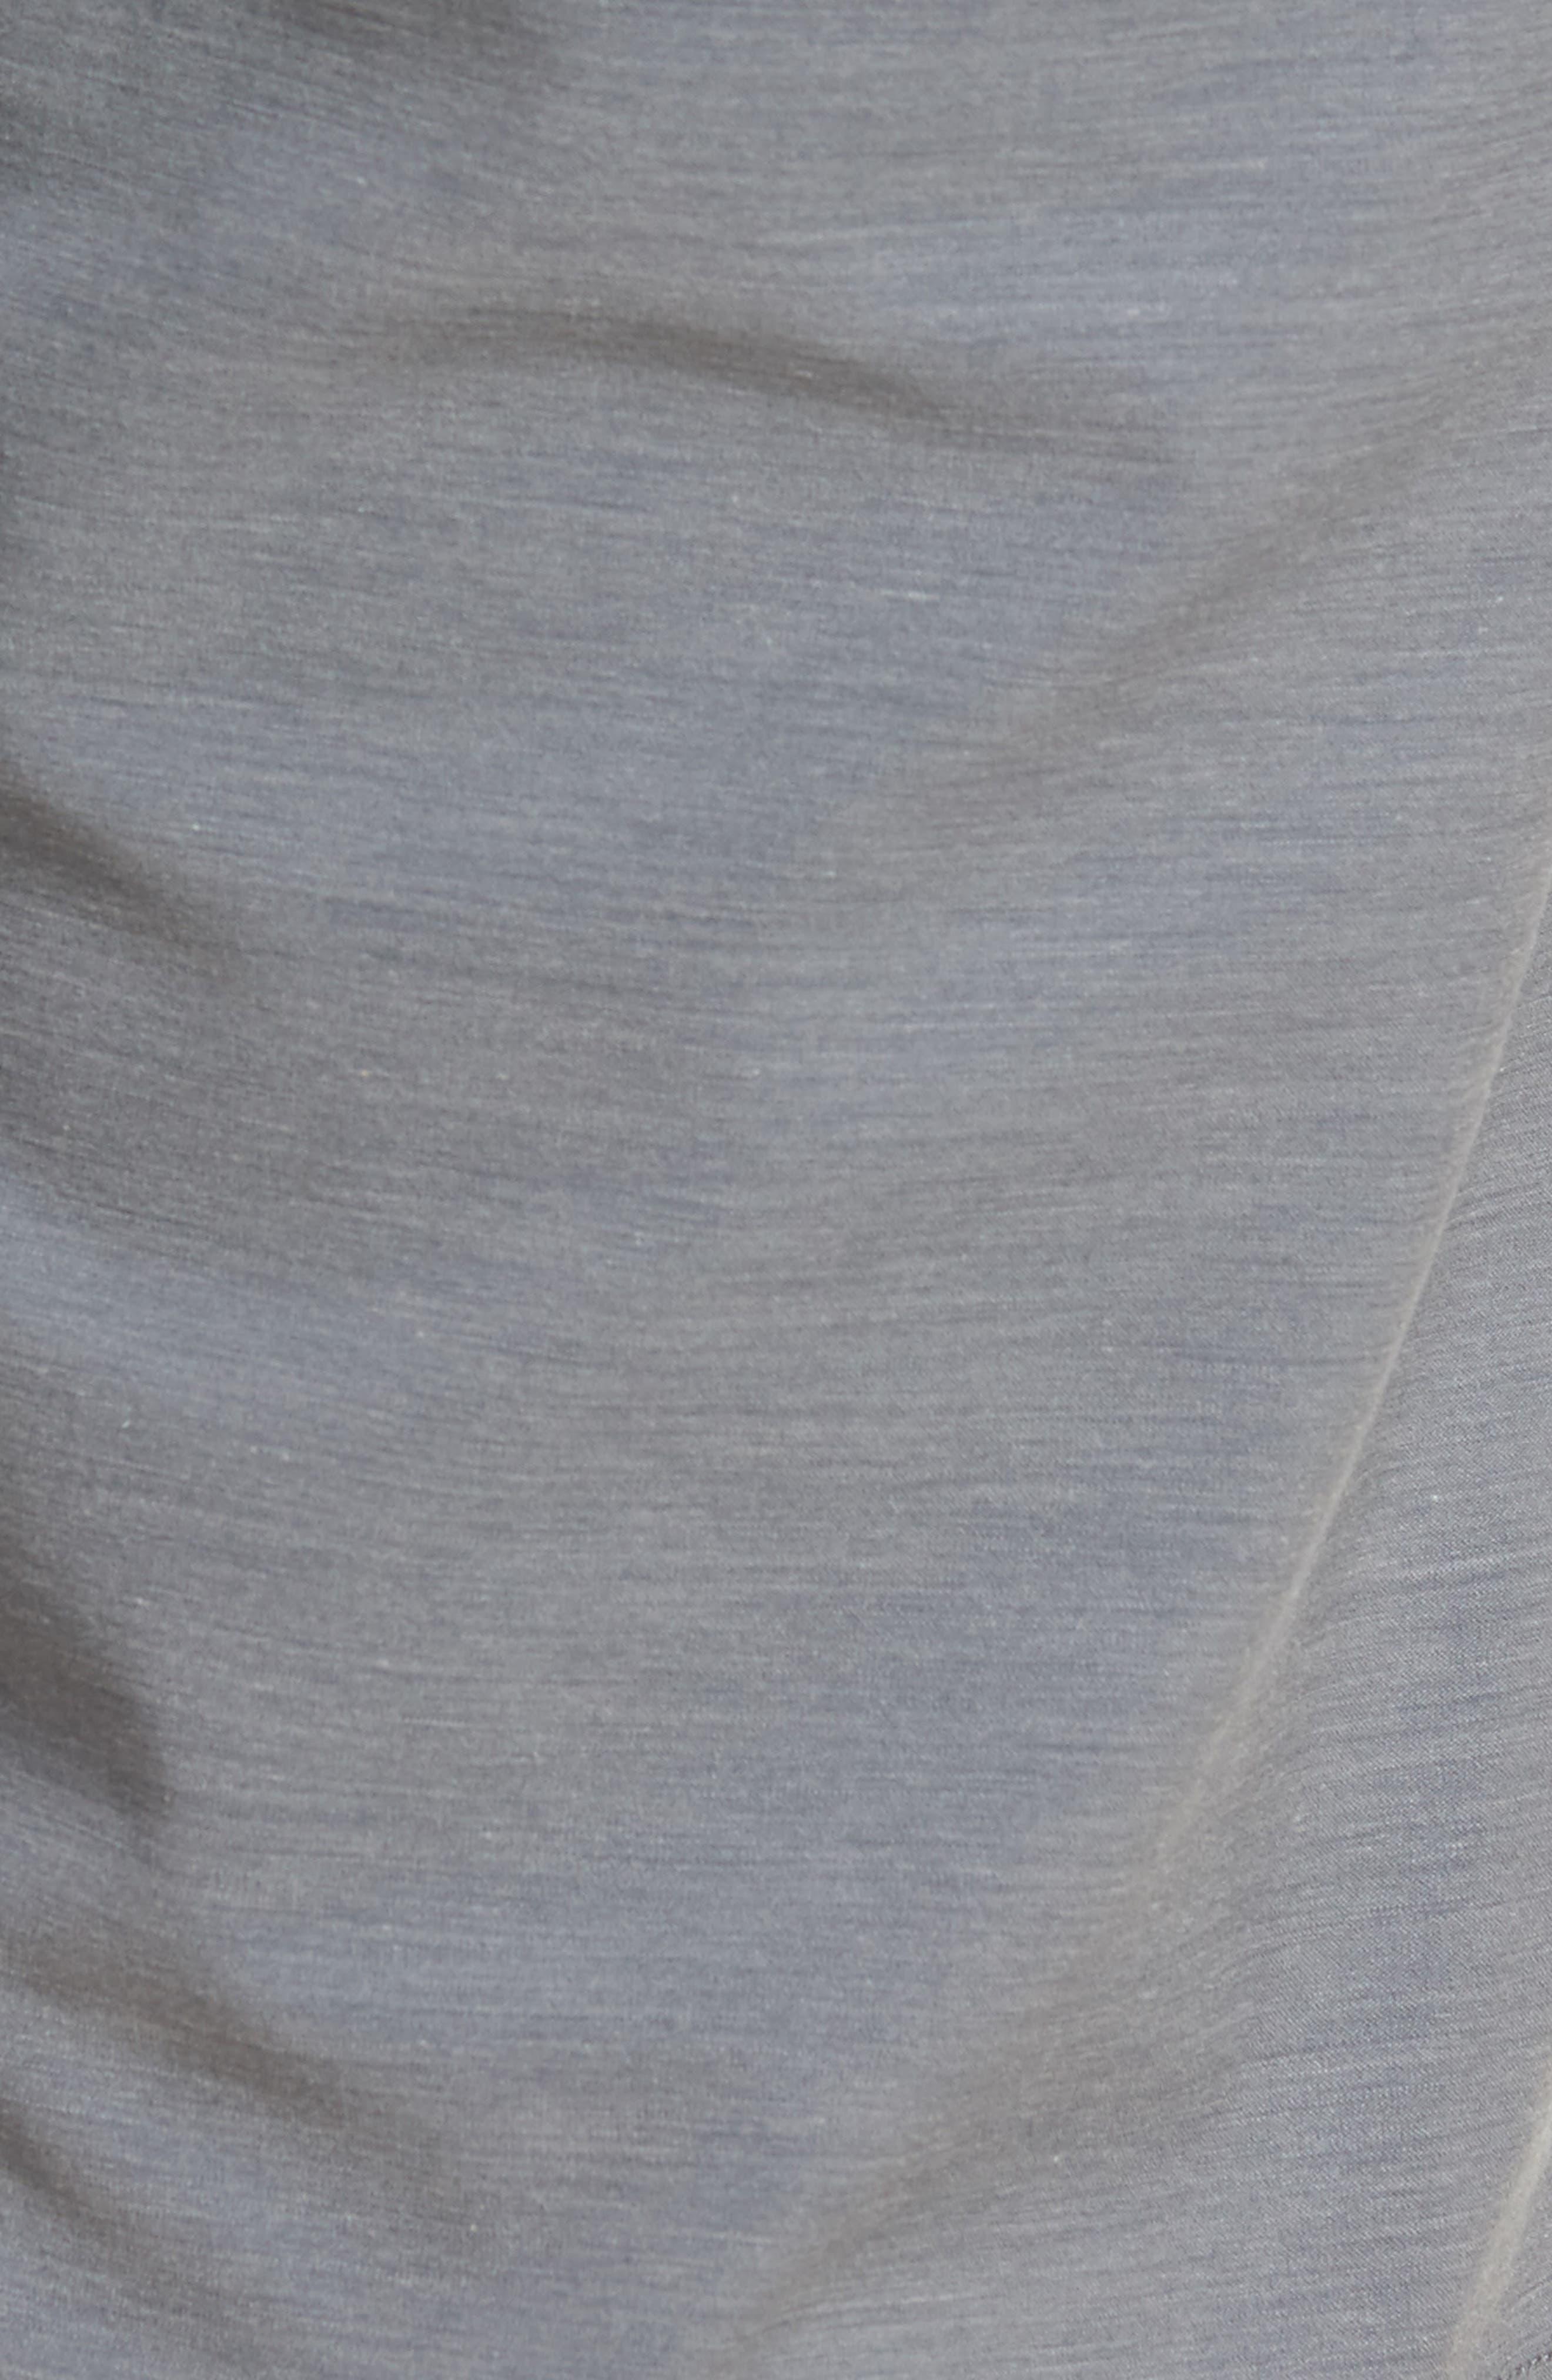 La Paz Regular Fit Slub Knit Shorts,                             Alternate thumbnail 5, color,                             020